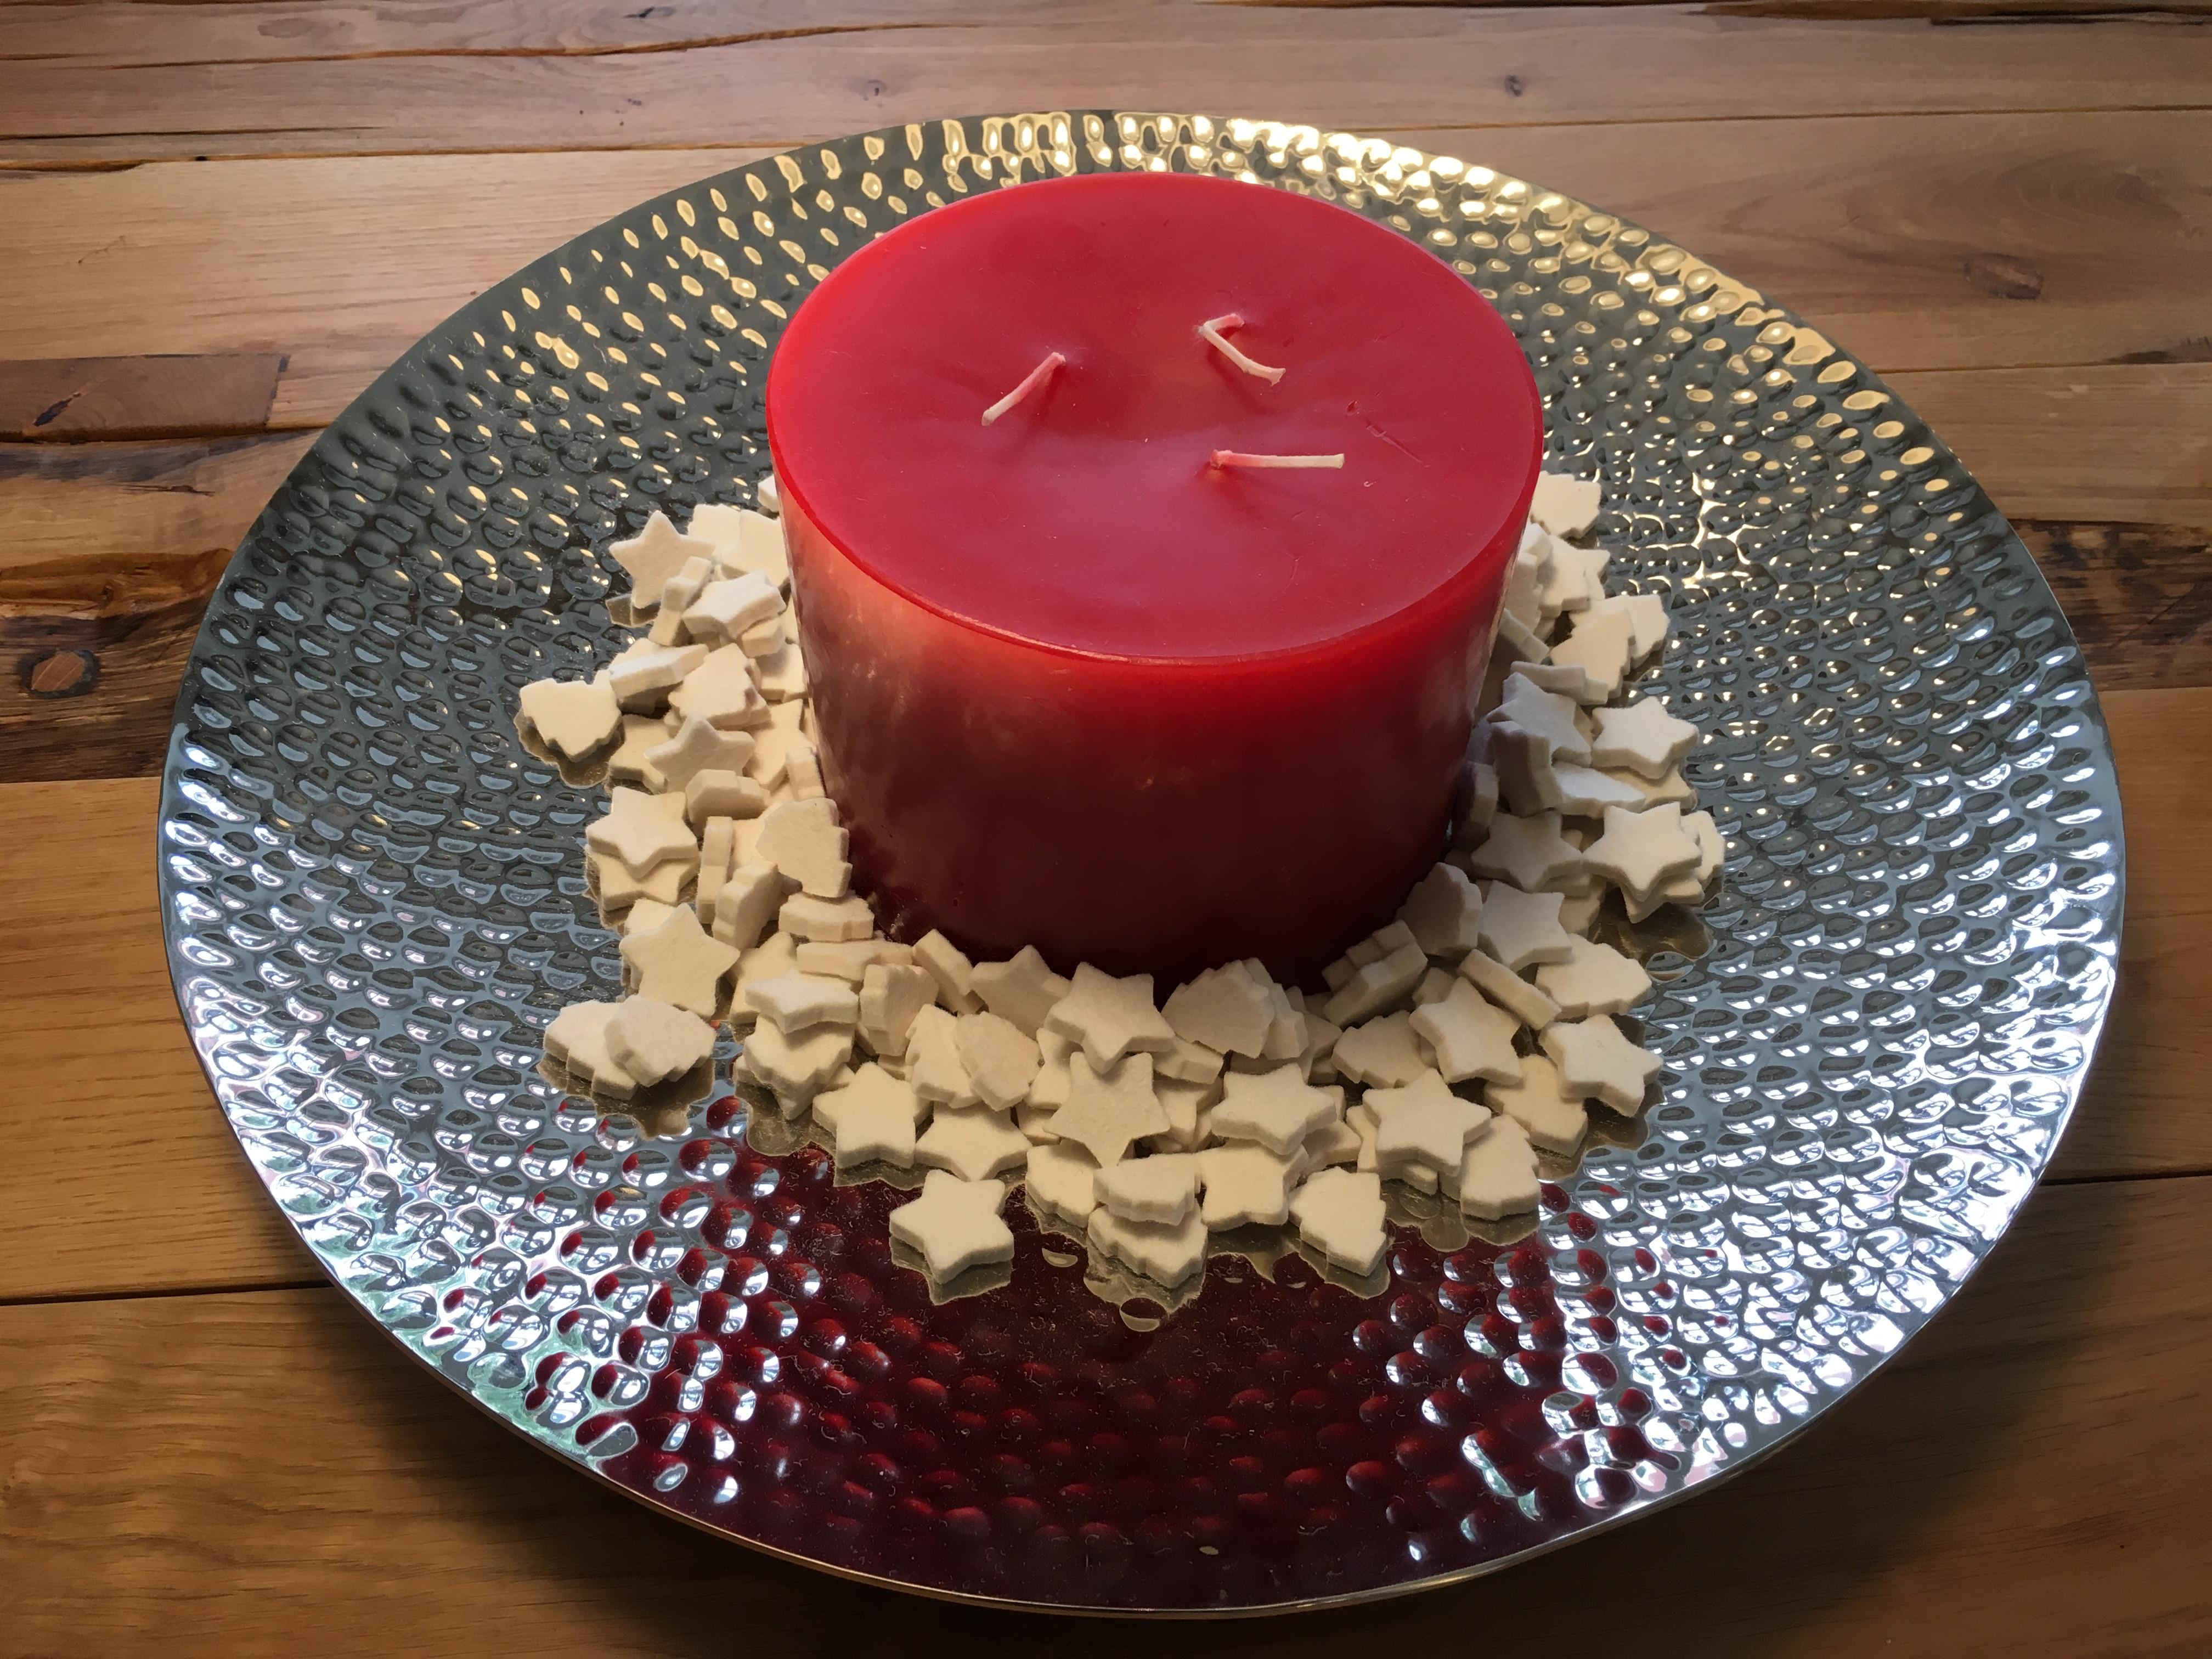 Kerzenschale mit Dreidochtkerze in Rot Sternendeko